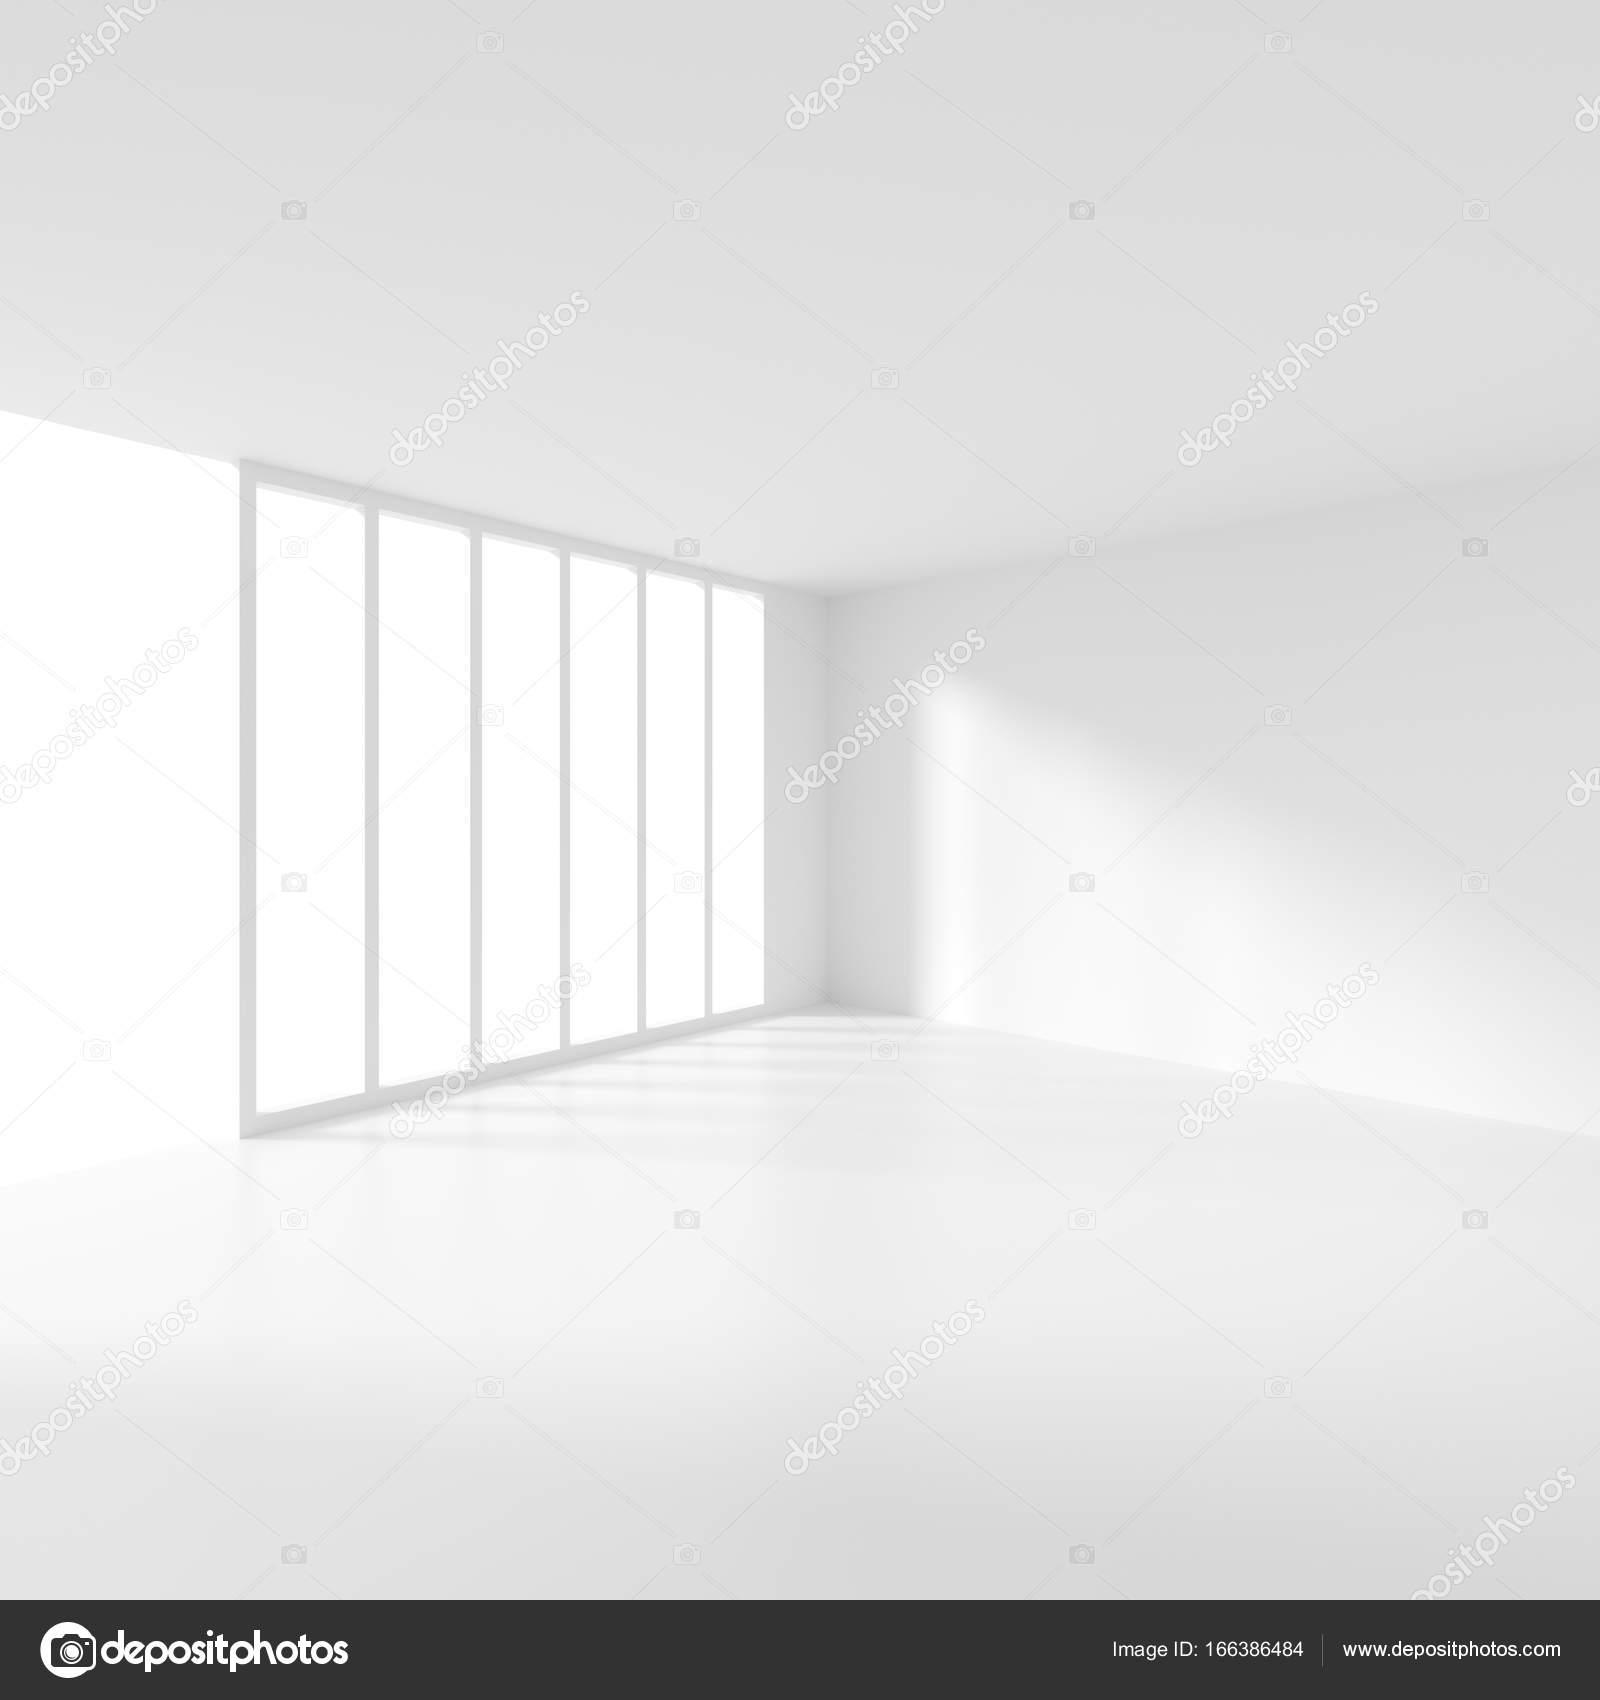 Schön Futuristische Interieur. Witte Lege Kamer Met Raam. Minimalistische Het  Abstracte Platform Achtergrond. 3D Rendering U2014 Foto Van Maxkrasnov